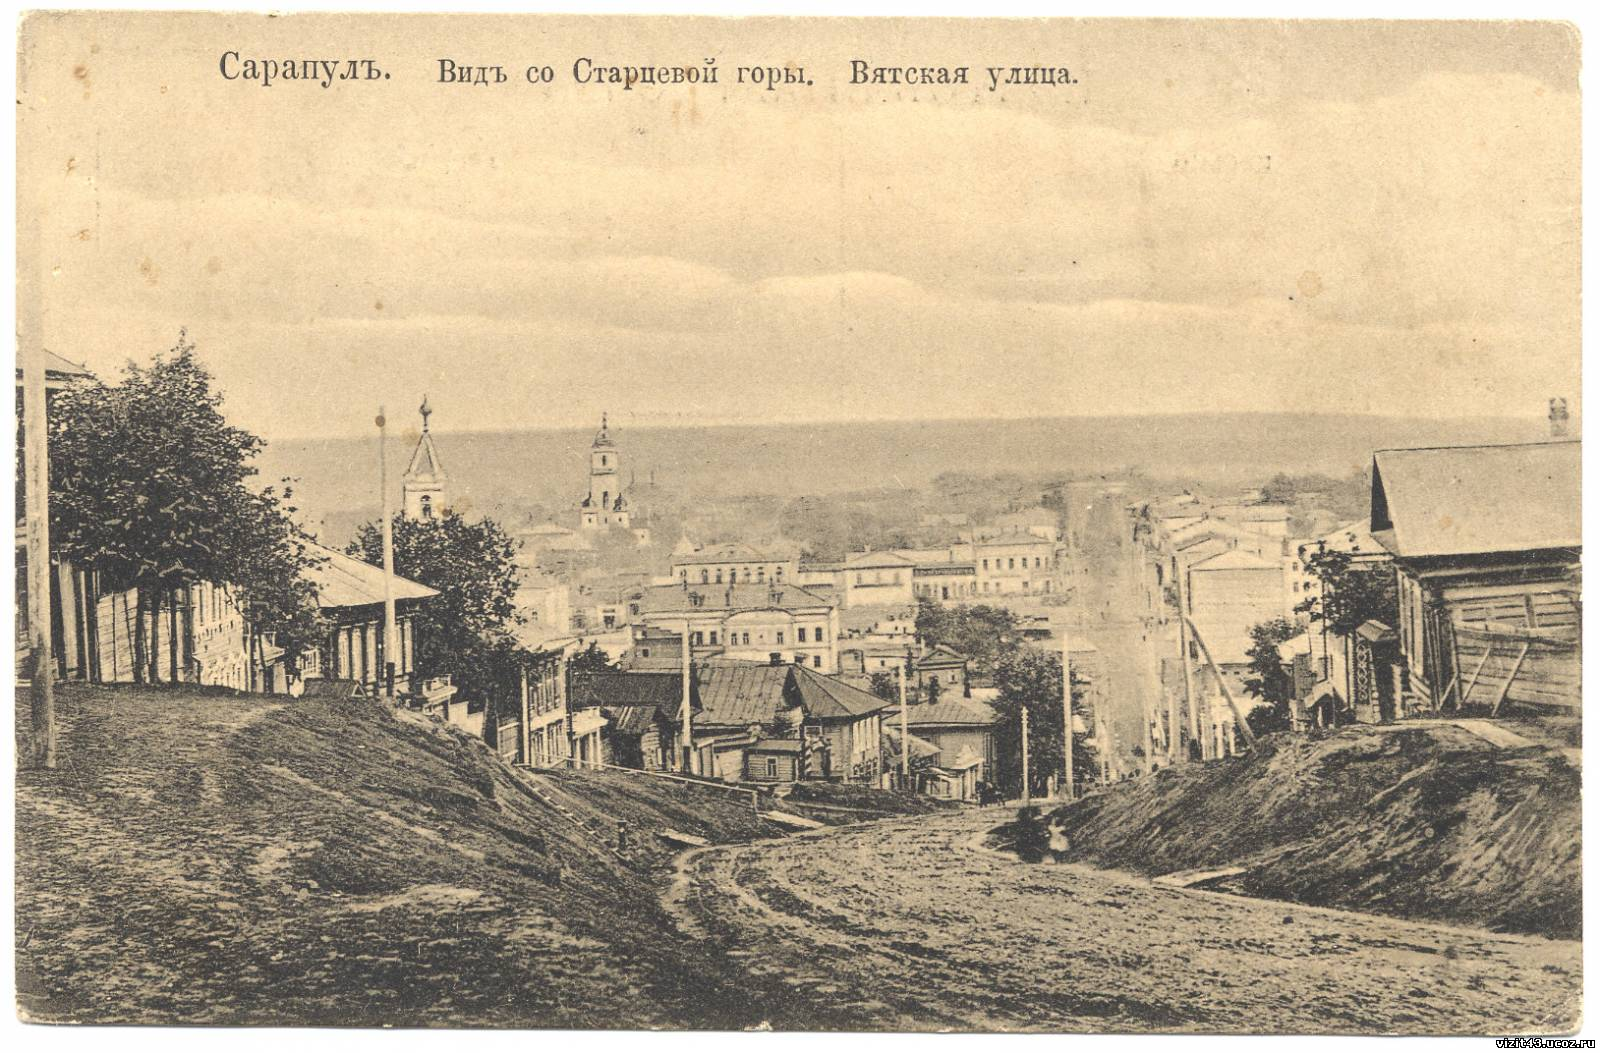 Вид со Старцевой горы. Вятская улица